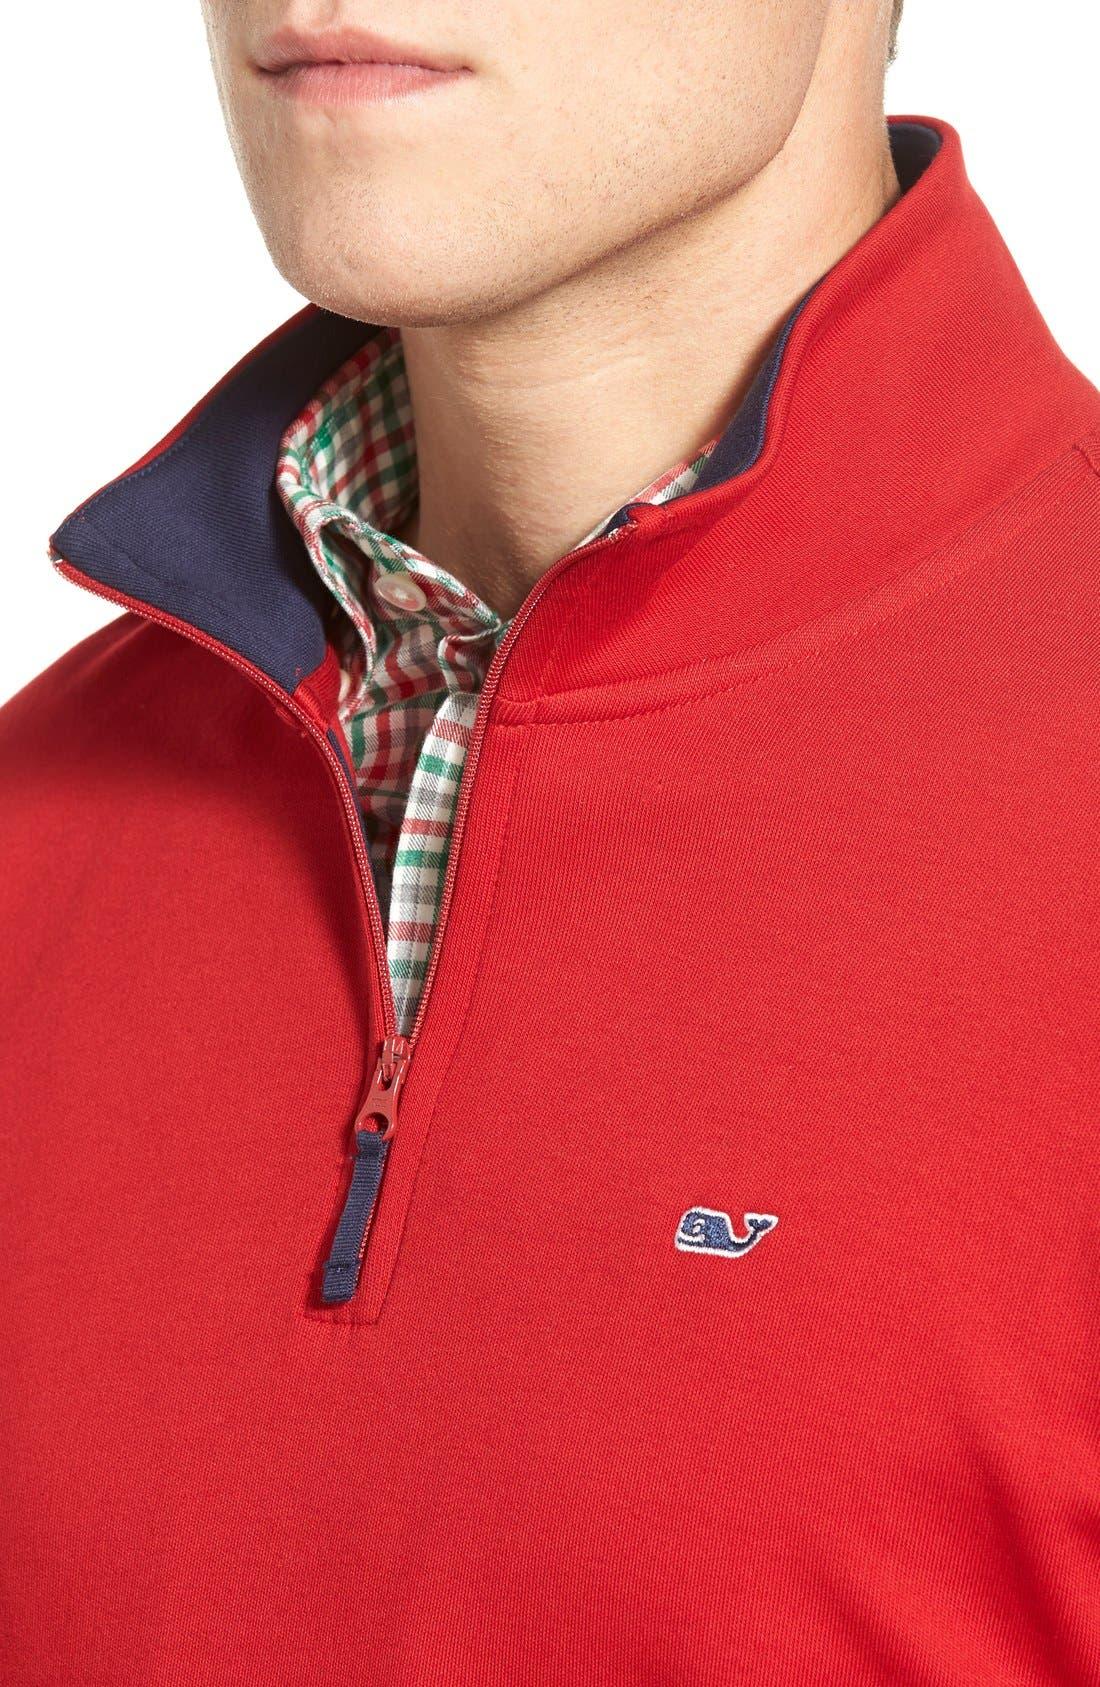 Quarter Zip Cotton Jersey Sweatshirt,                             Alternate thumbnail 6, color,                             020